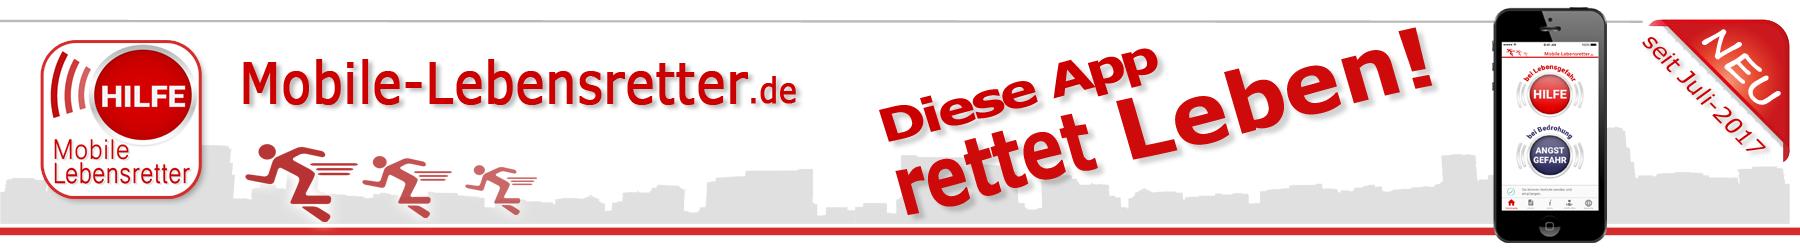 Mobile-Lebensretter.de